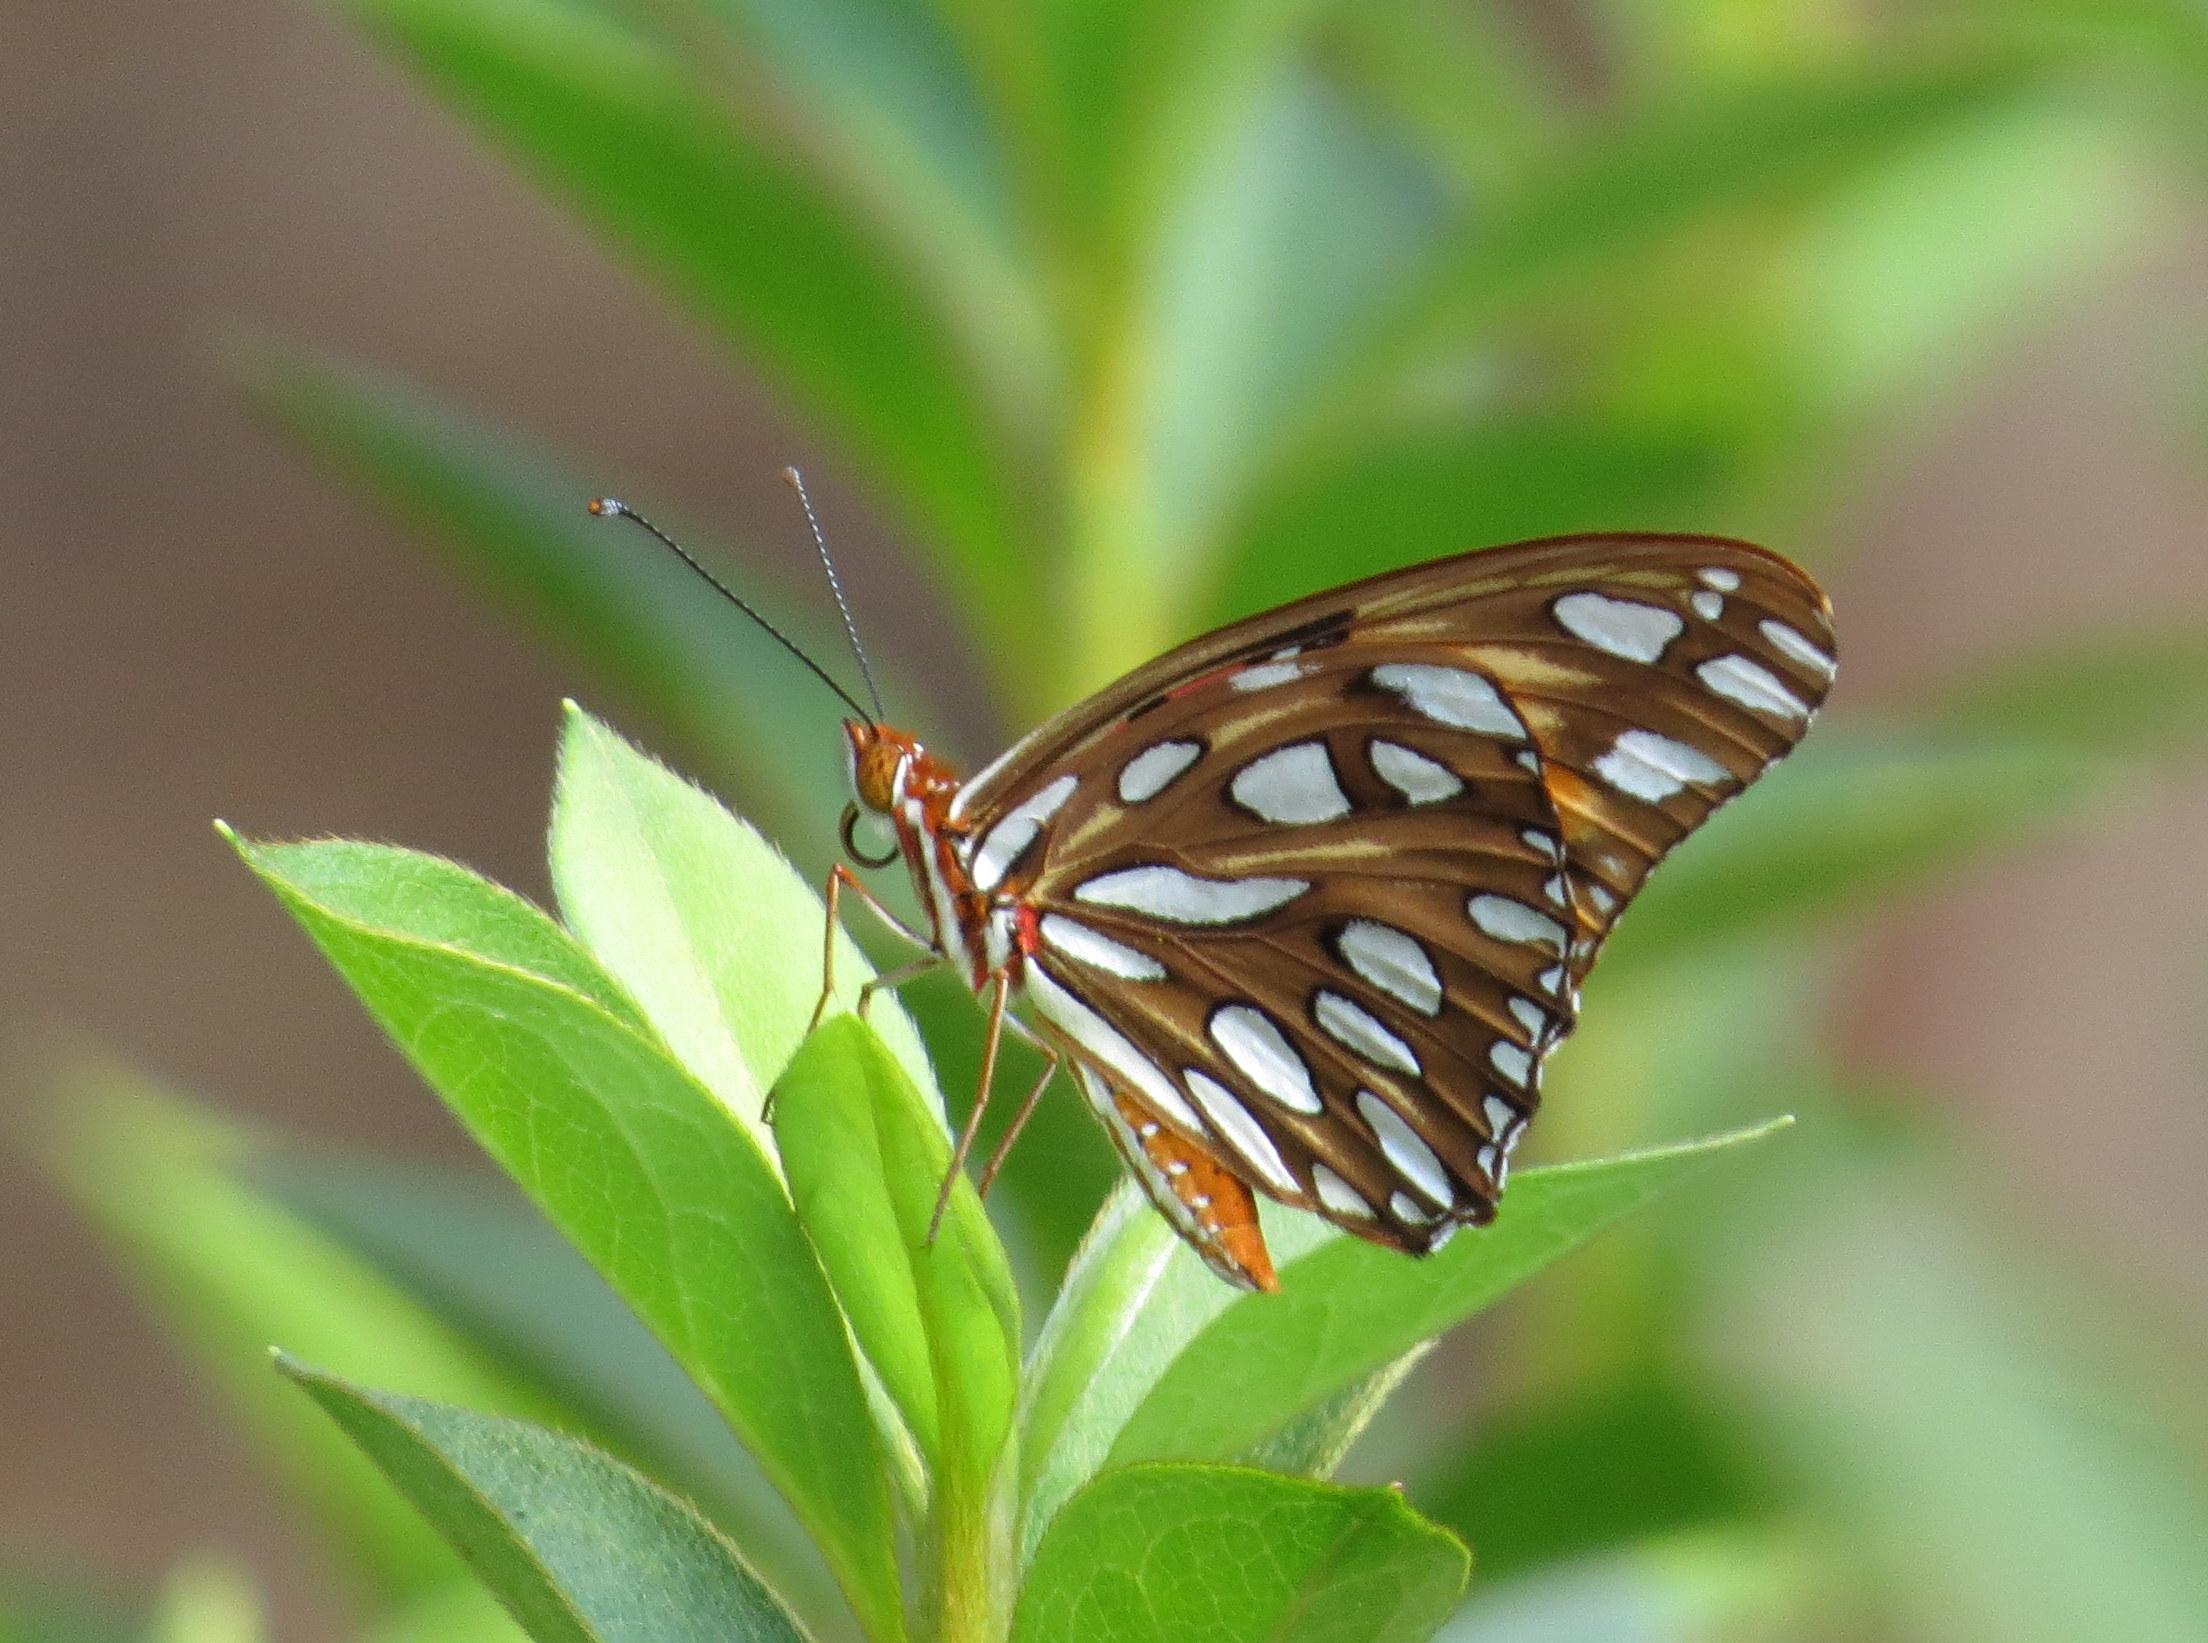 Butterflies flit